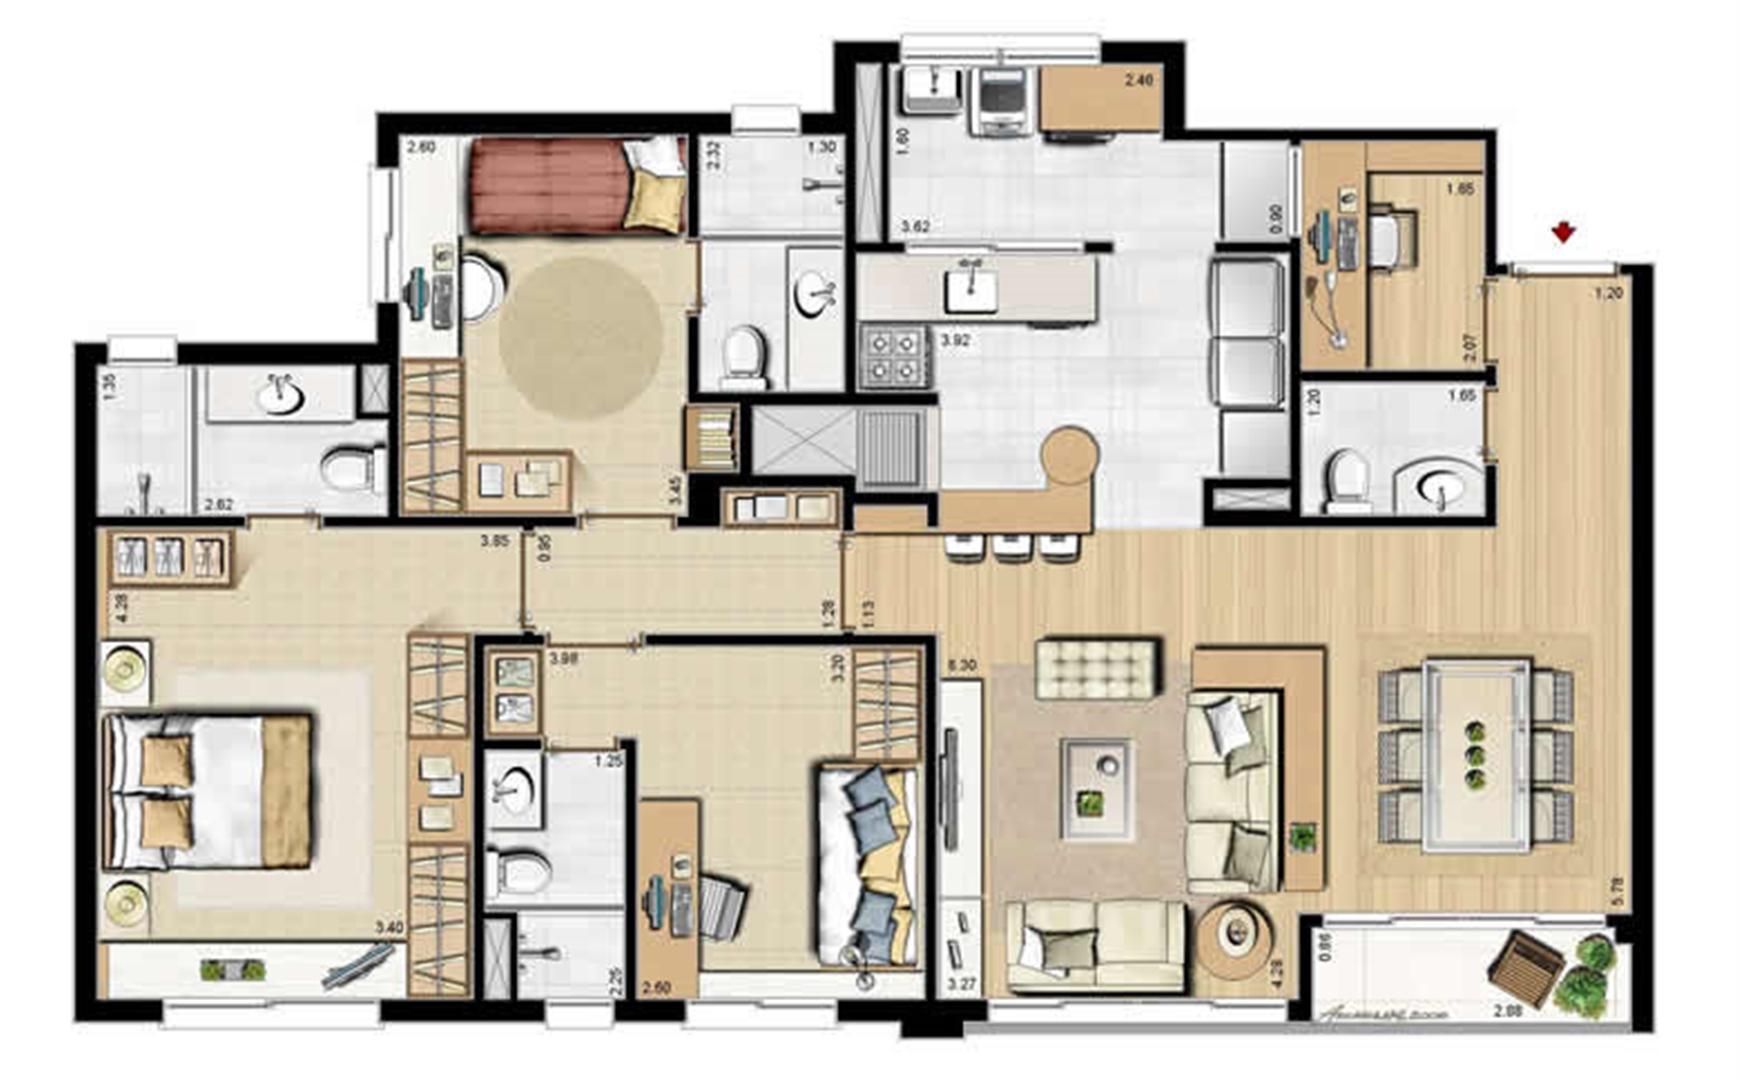 Opção dependência completa - 69 m² privativos e 107 m² área total | Villa Mimosa Vita Insolaratta – Apartamento no  Centro - Canoas - Rio Grande do Sul